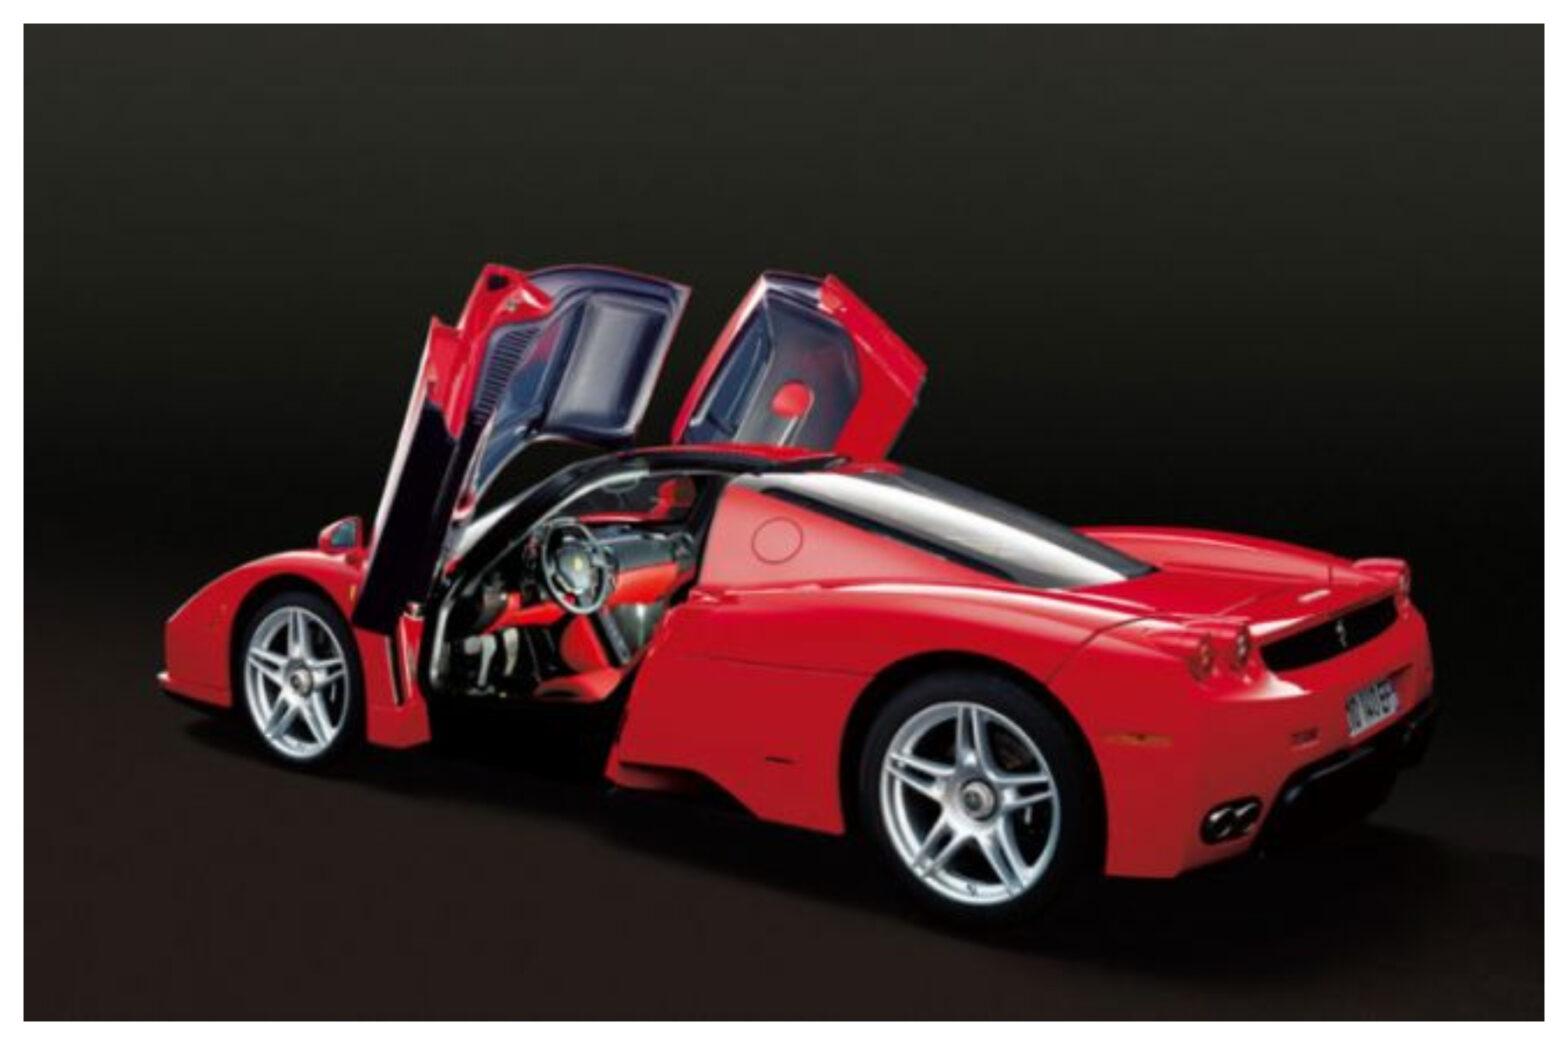 イタリア人以外で初めてフェラーリをデザインした奥山清行氏が自らデザインしたエンツォを購入!